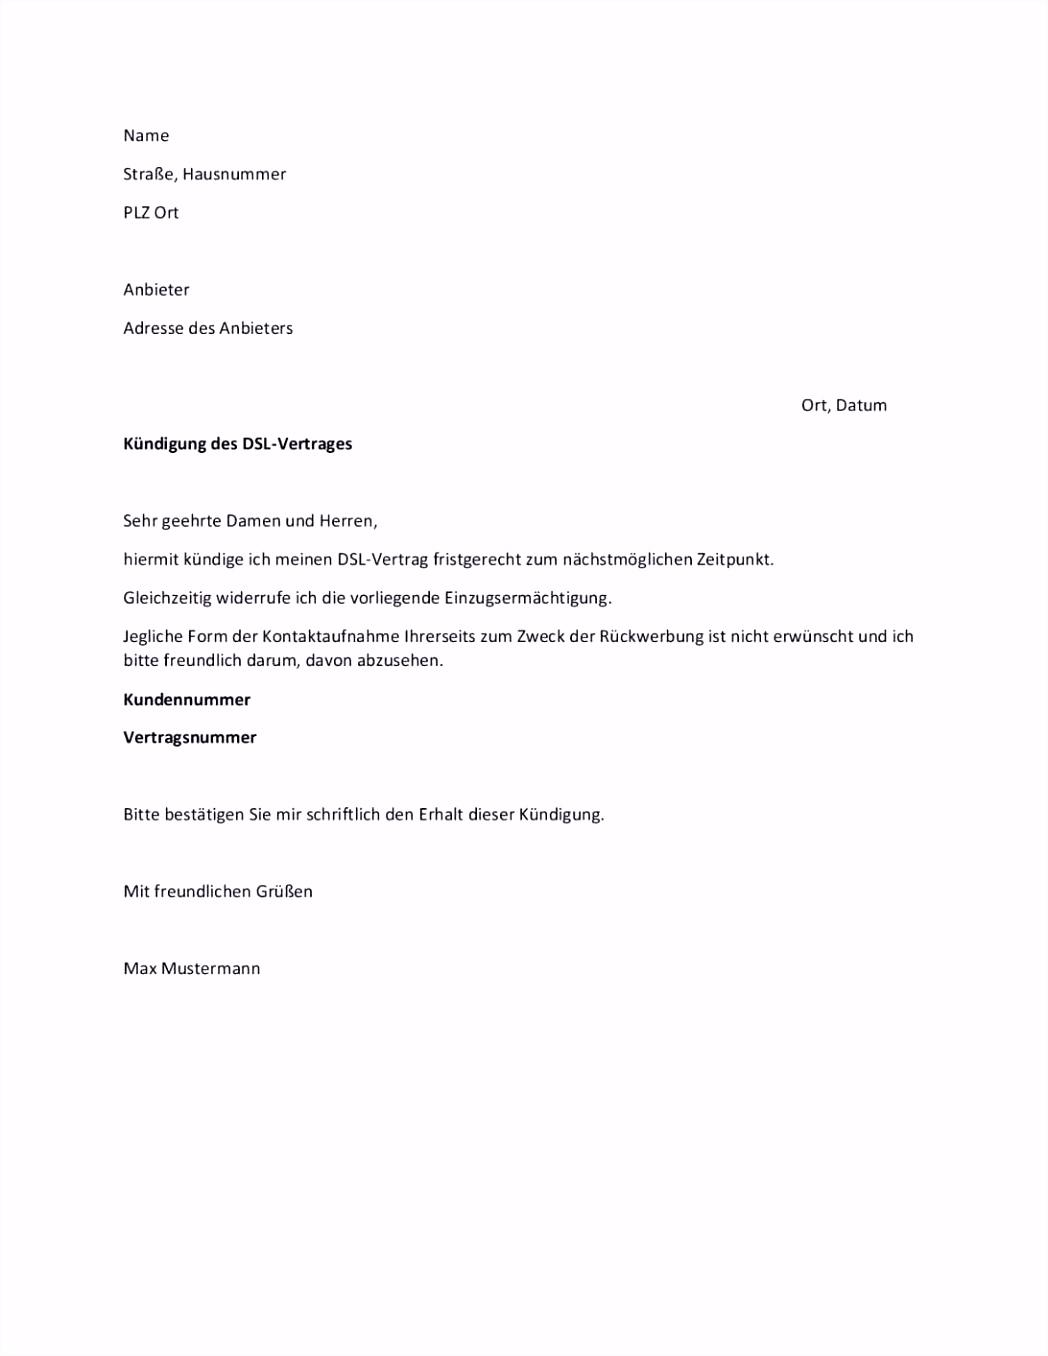 Kundigungsschreiben Zeitungsabo Vorlage 15 Muster Kündigung Abo P2rt04gfi4 Thrsmhidg4